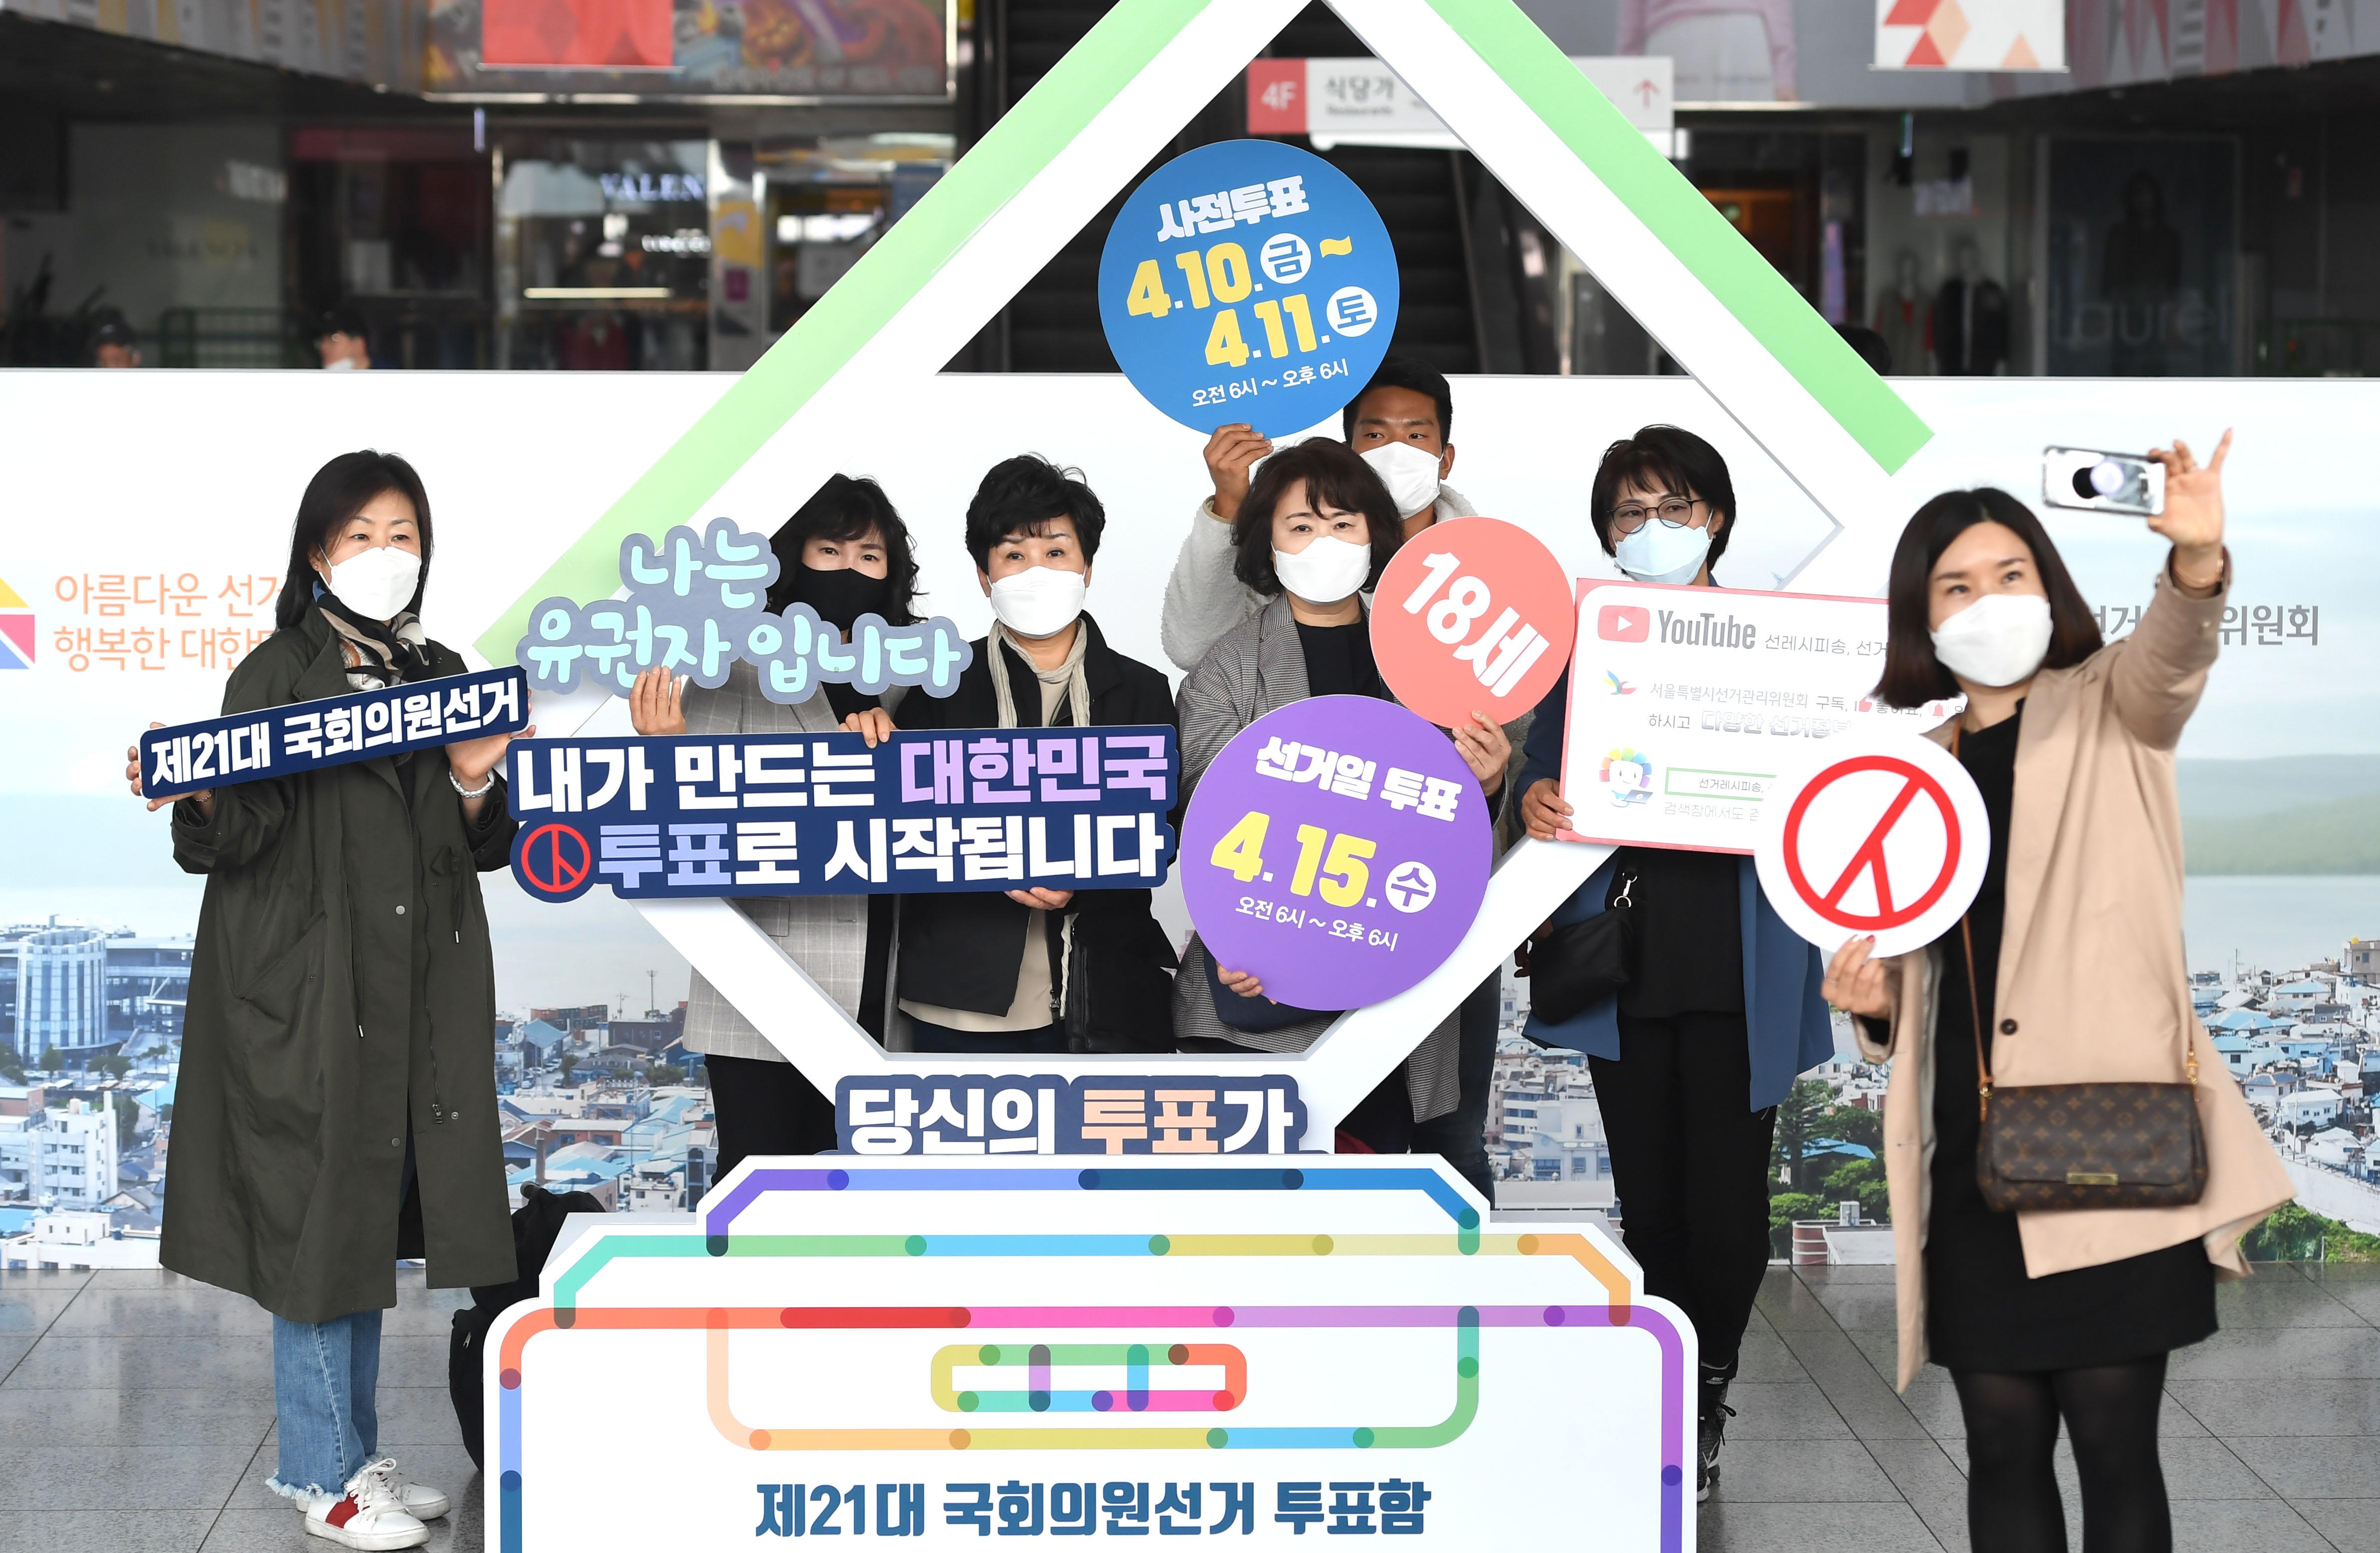 '서울역에서 만나는 선거정보'